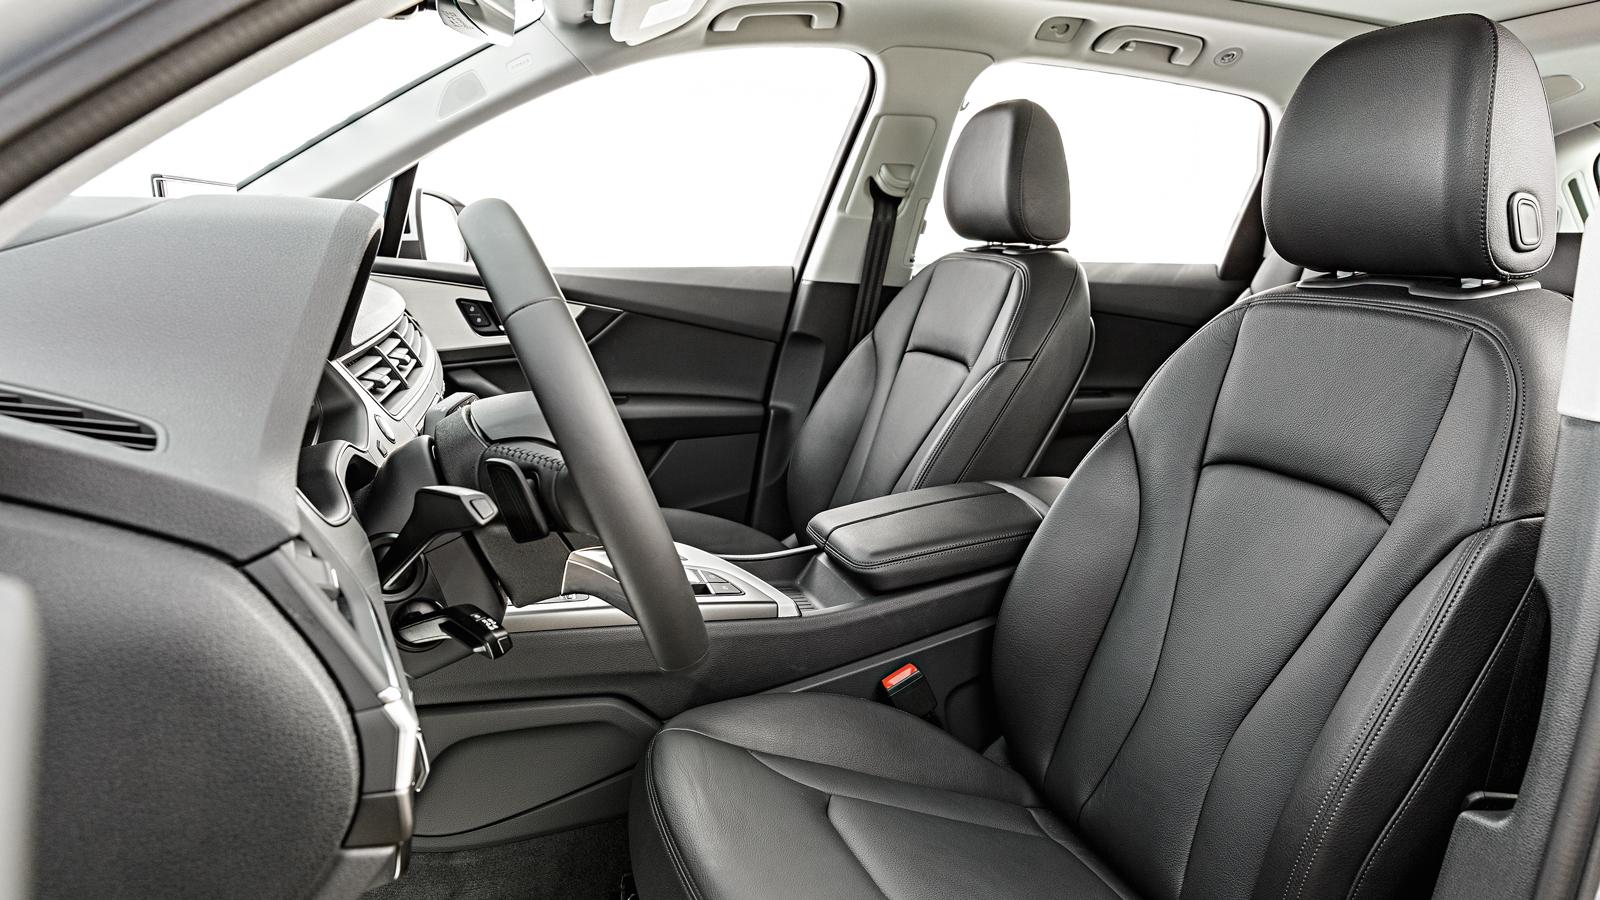 No Audi o couro está apenas nos bancos e em partes onde os ocupantes encostam